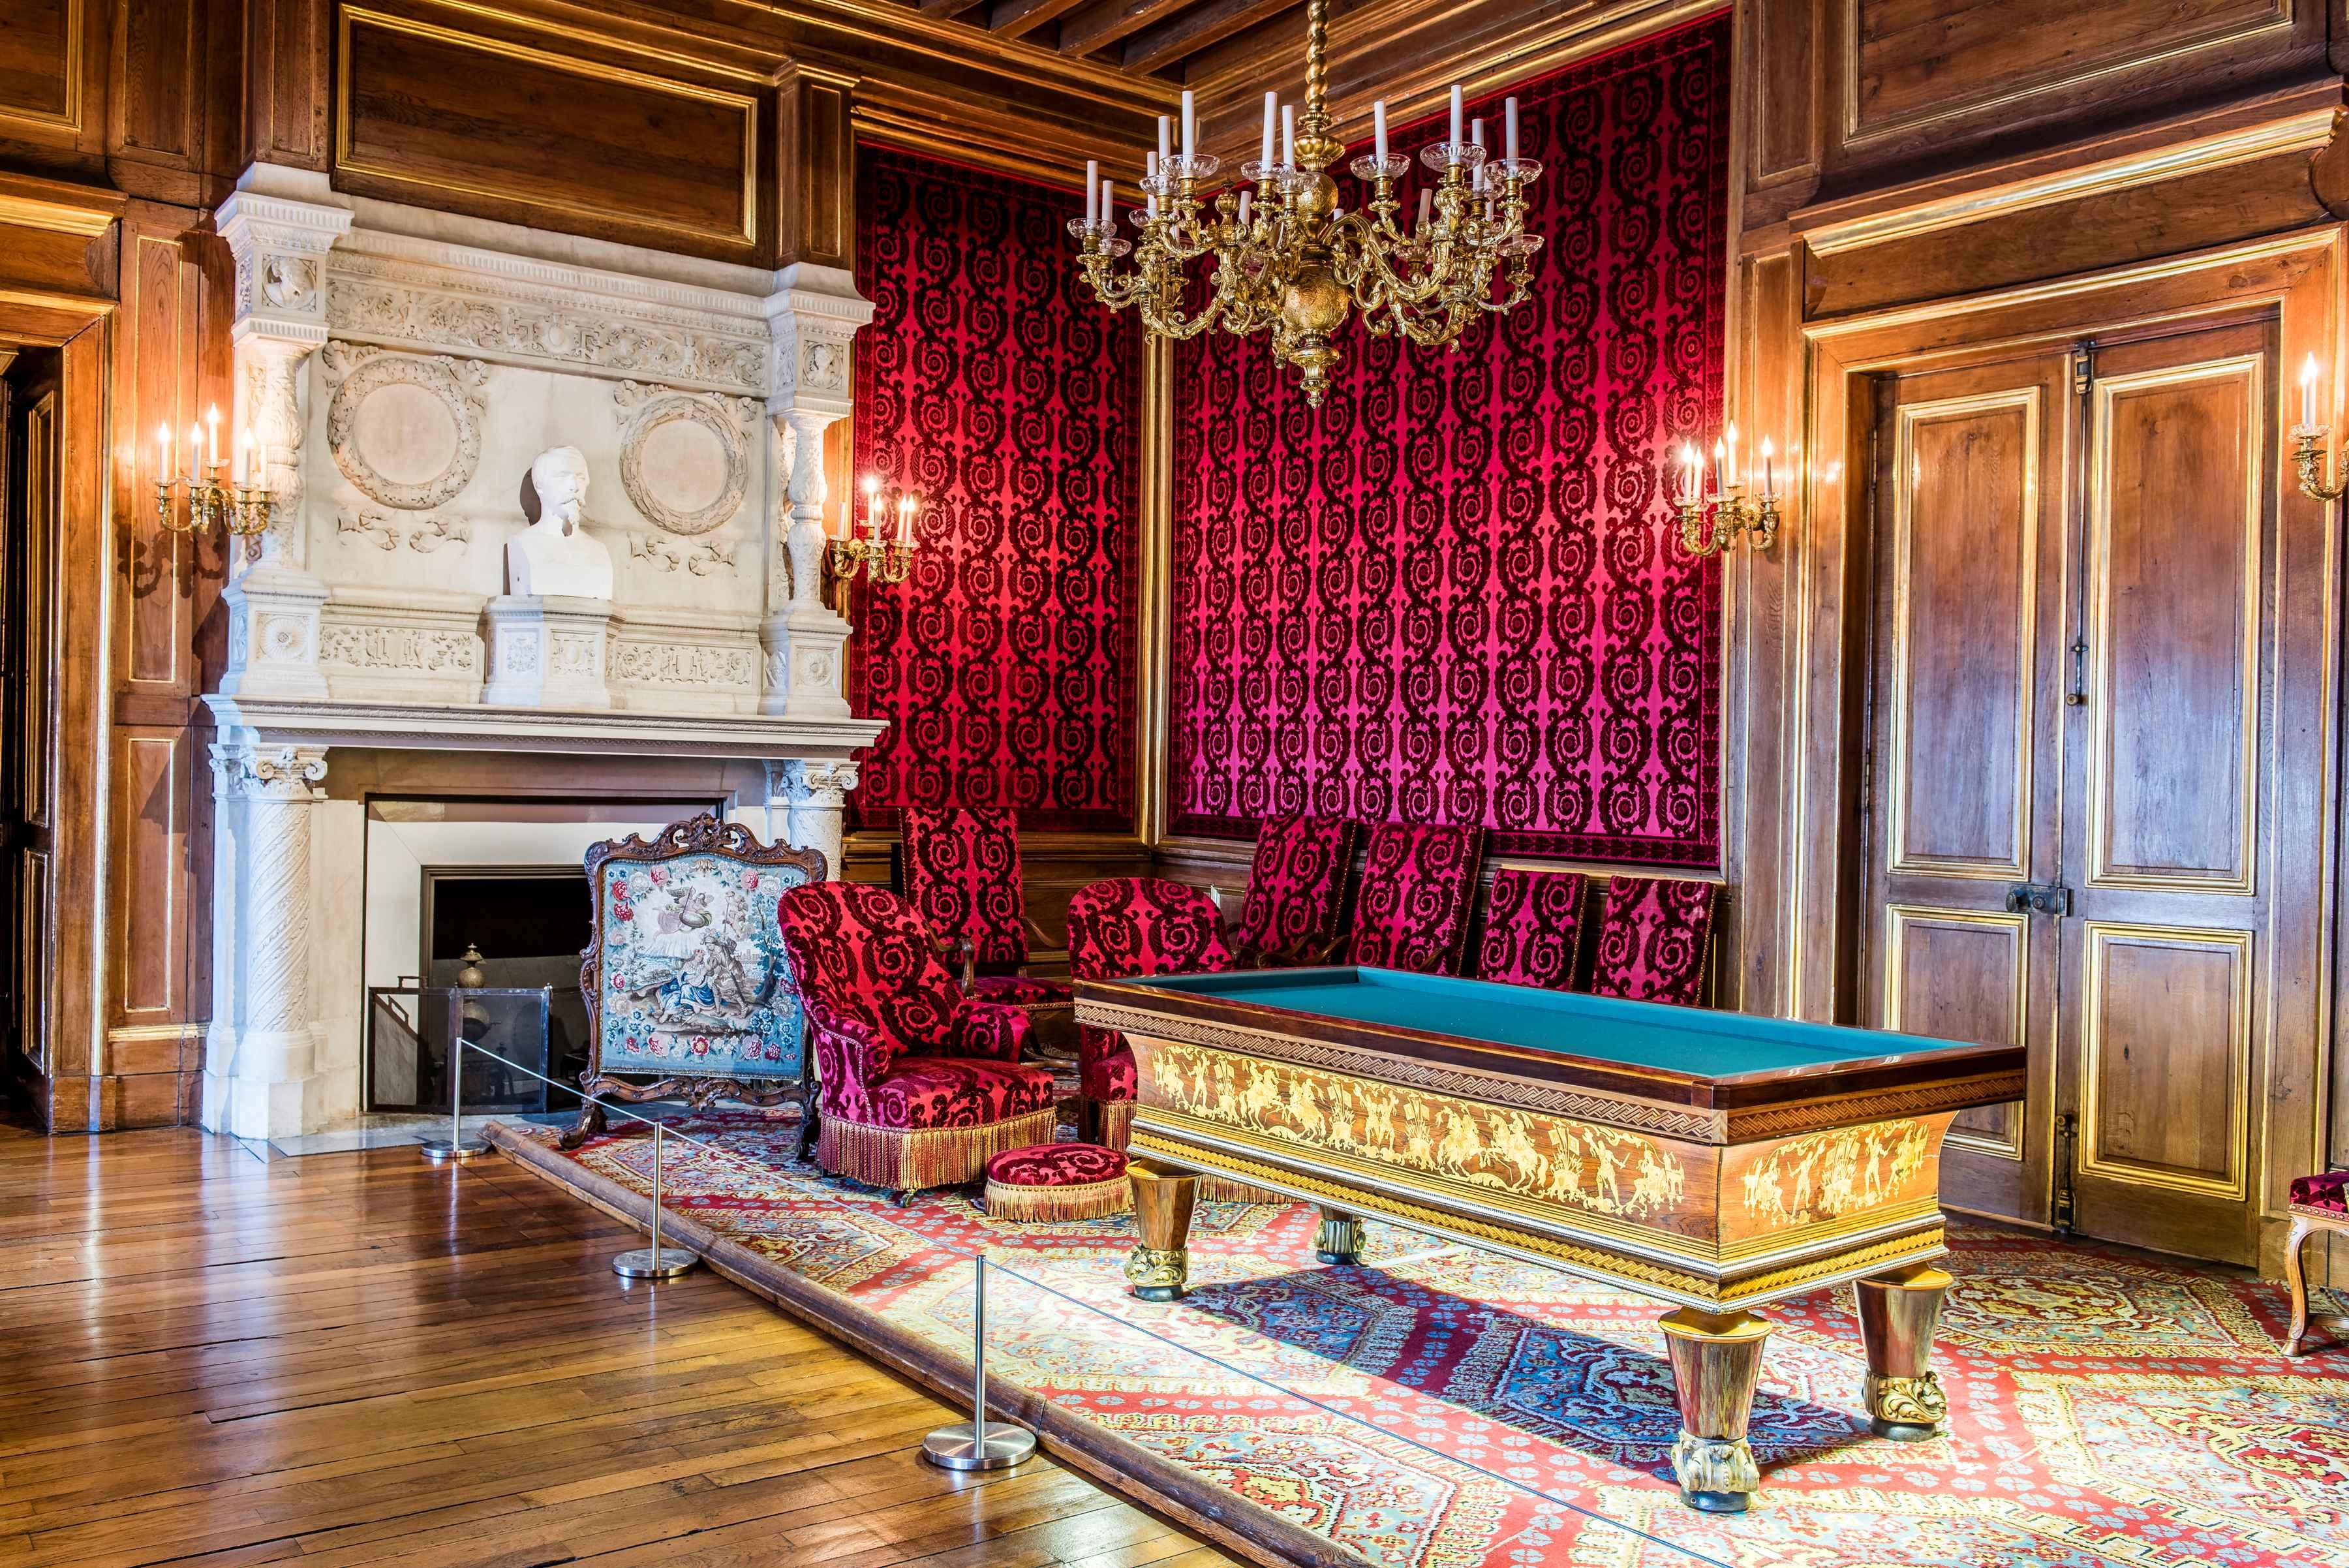 Salon de famille - Billard et fauteuils - Château de Pau